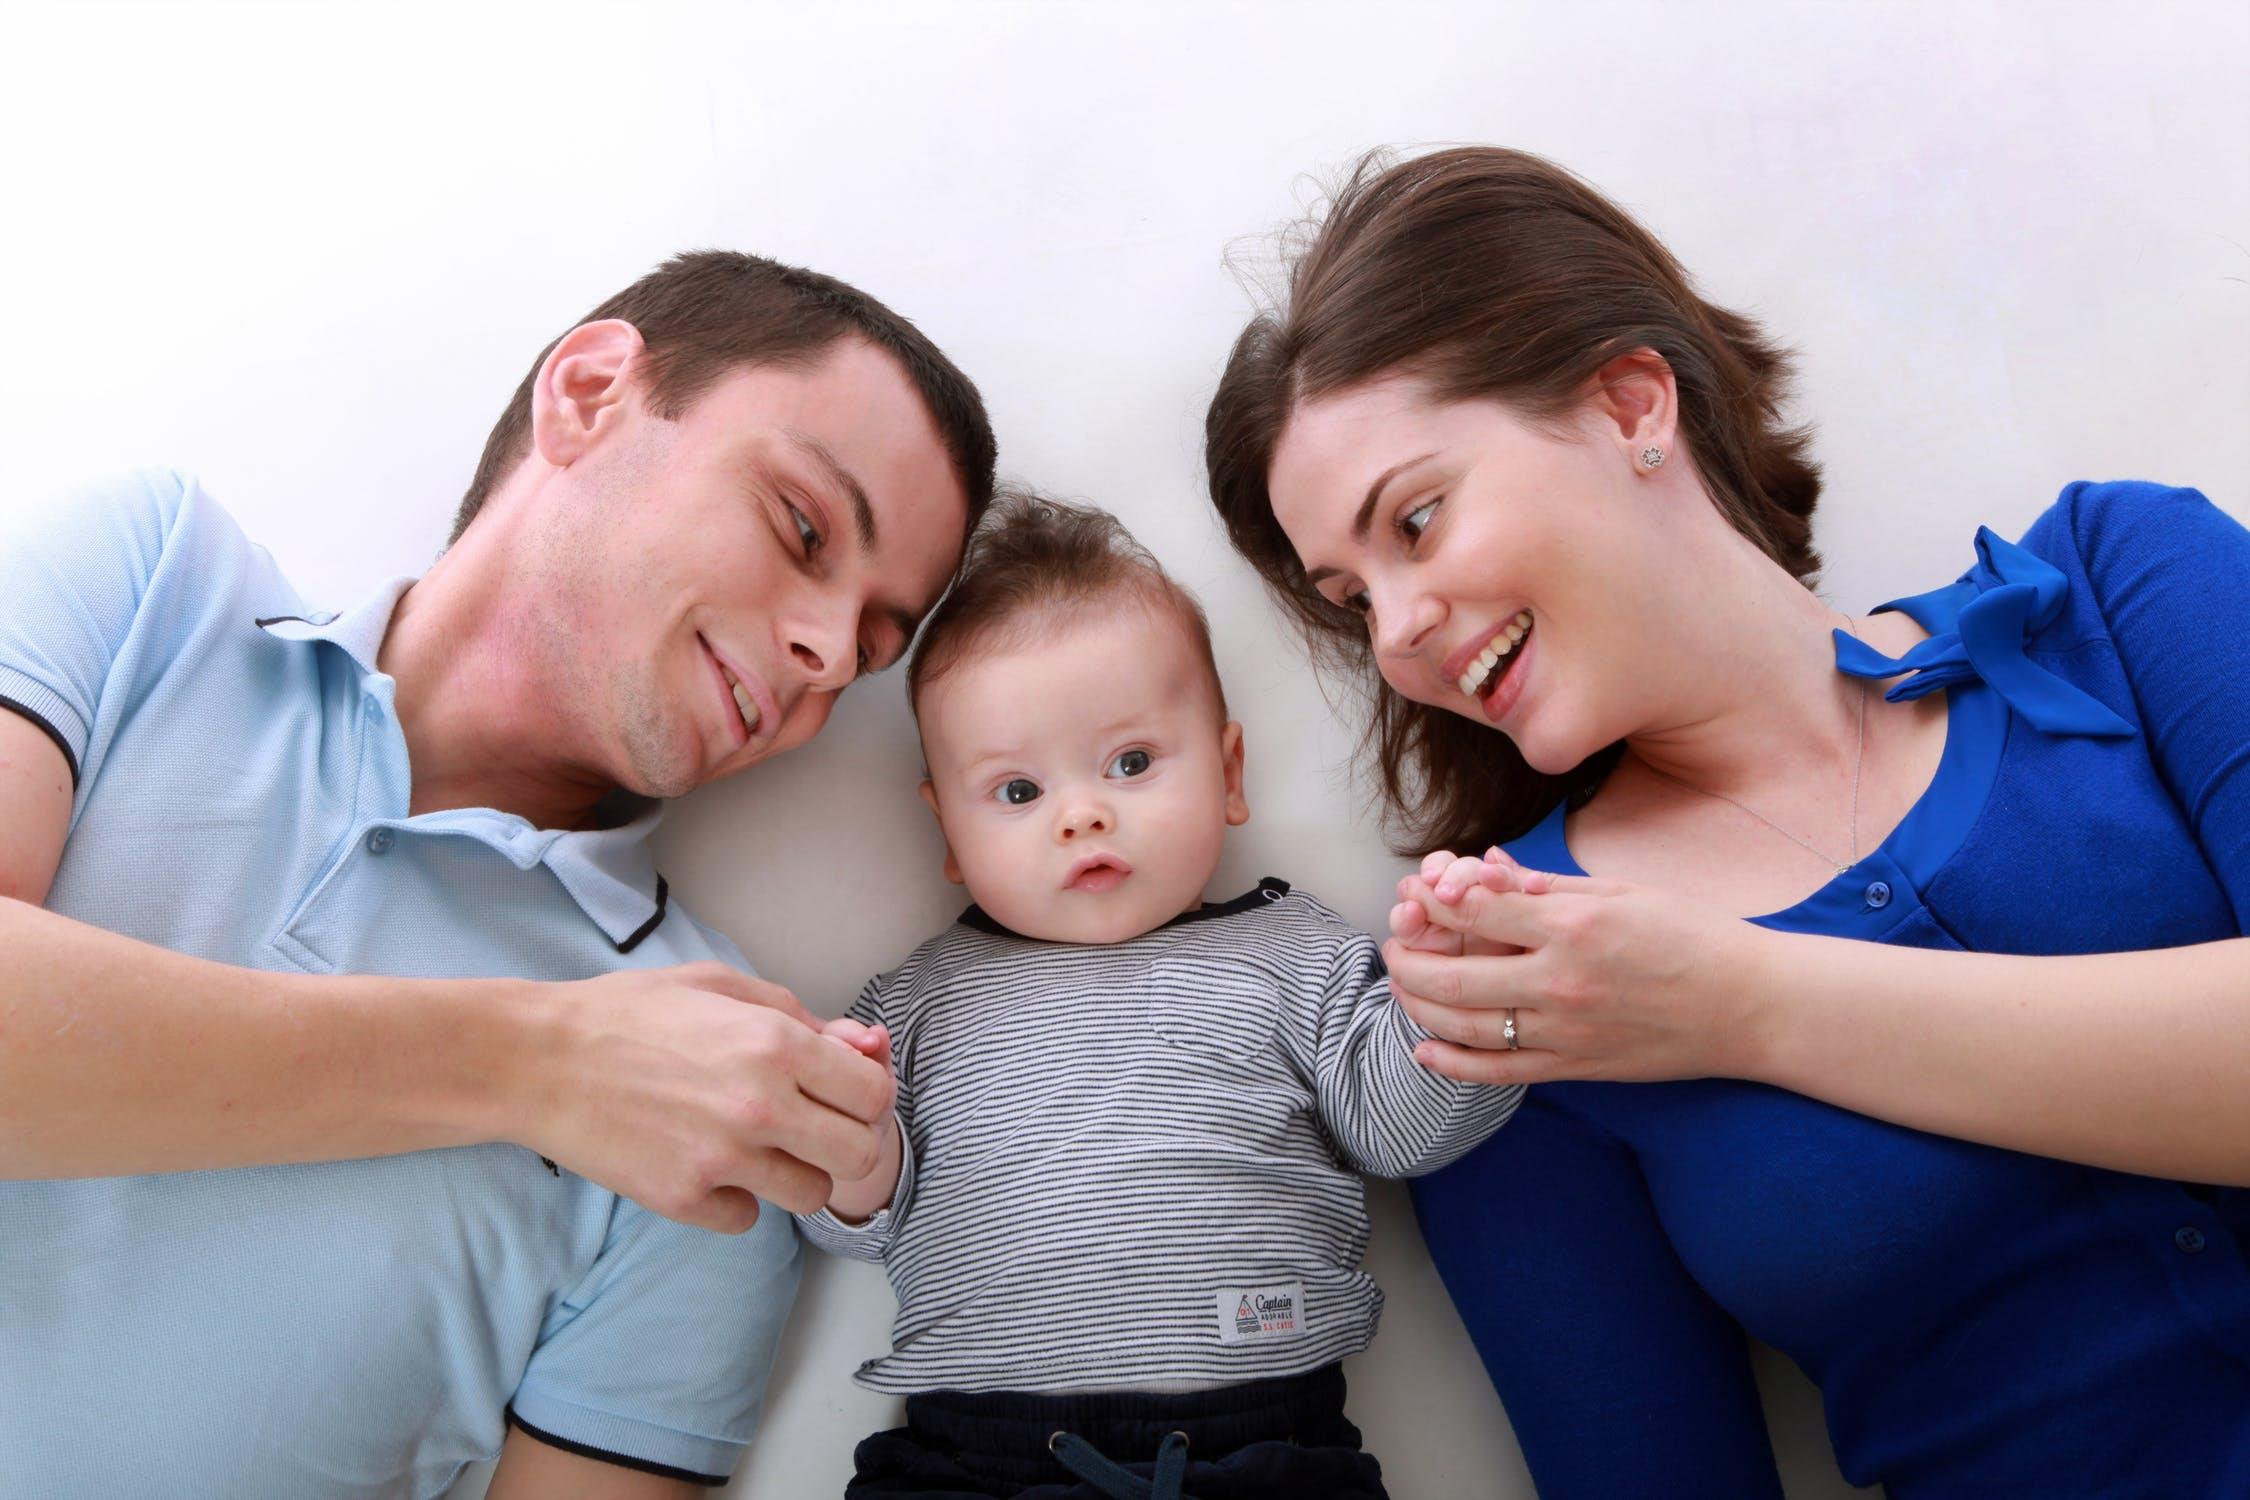 القمة العالمية لتنظيم الأسرة تختتم بدعوة لإشراك الشباب في تحديد النسل